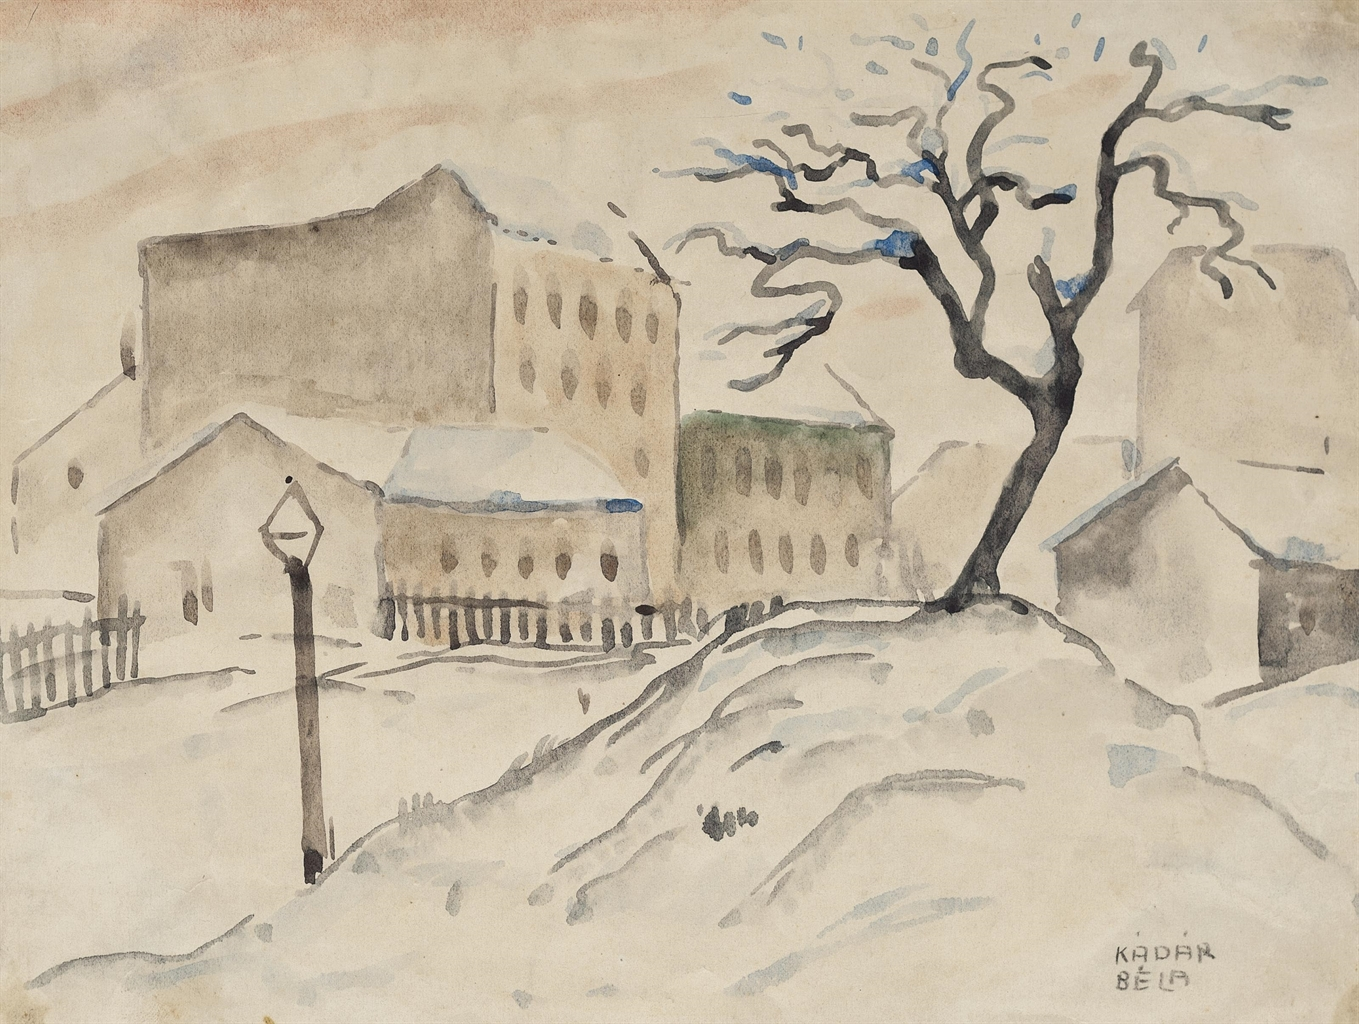 Bela Kadar-Teli Taj-1908